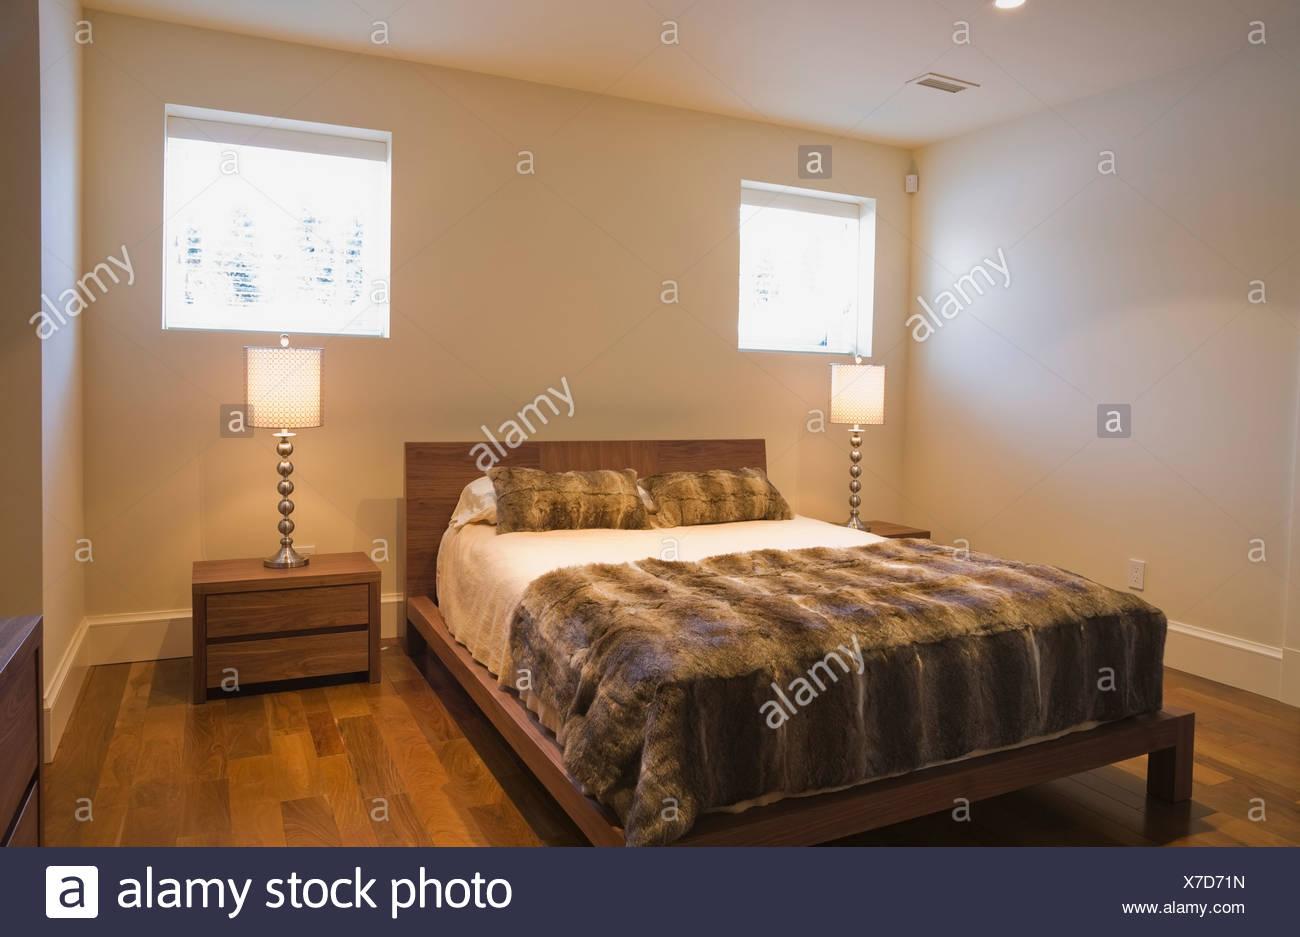 Keller Schlafzimmer Mit Einem Queen Size Bett Und Ein Hartholz Fußboden In  Einem Heim; Quebec, Kanada